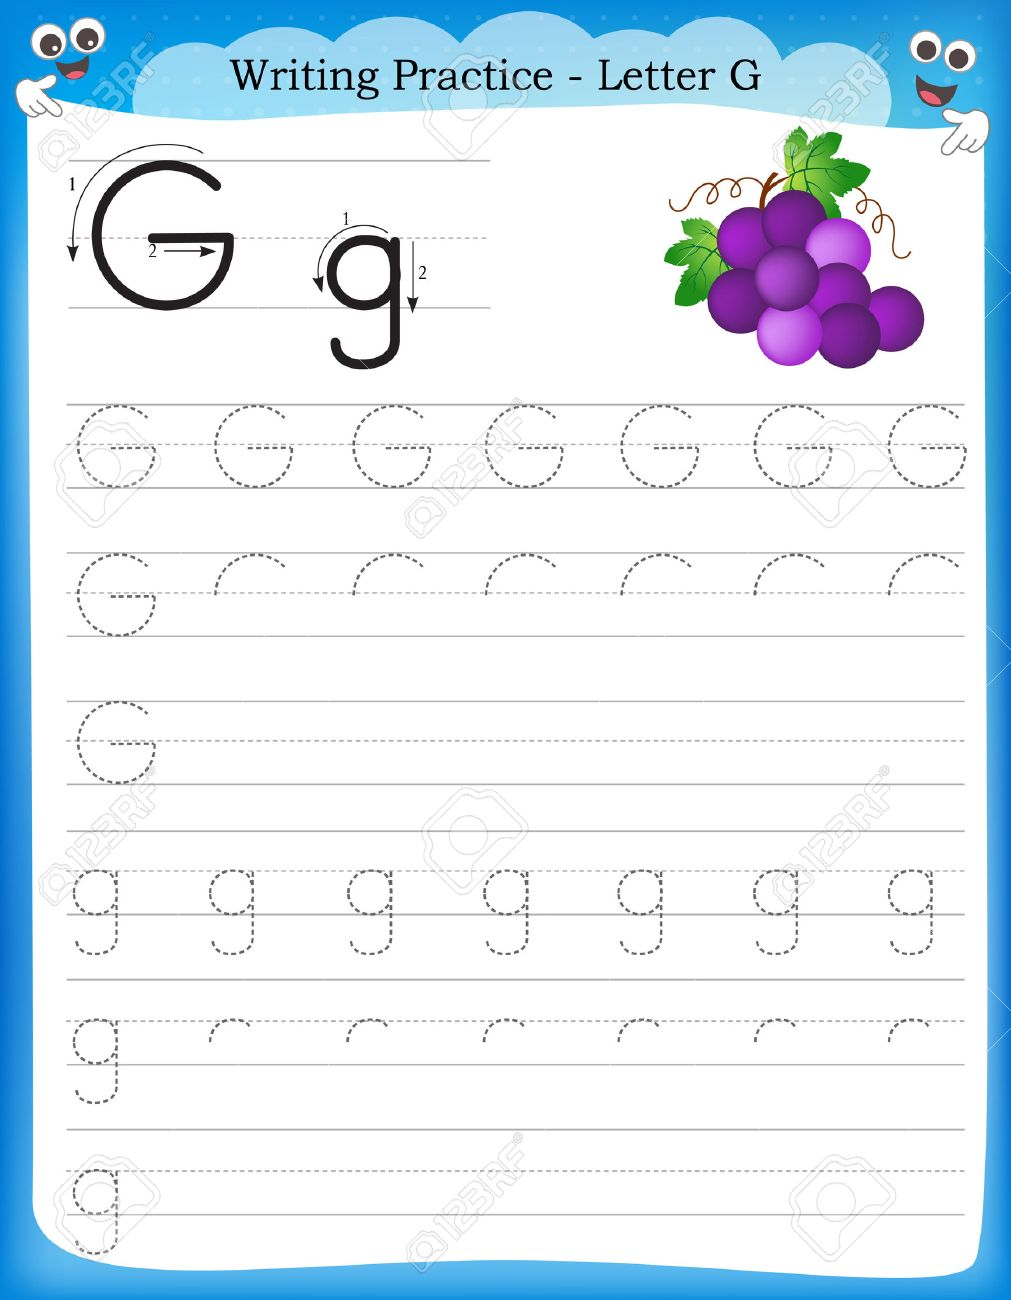 Workbooks letter g worksheets for preschool : Writing Practice Letter G Printable Worksheet For Preschool ...